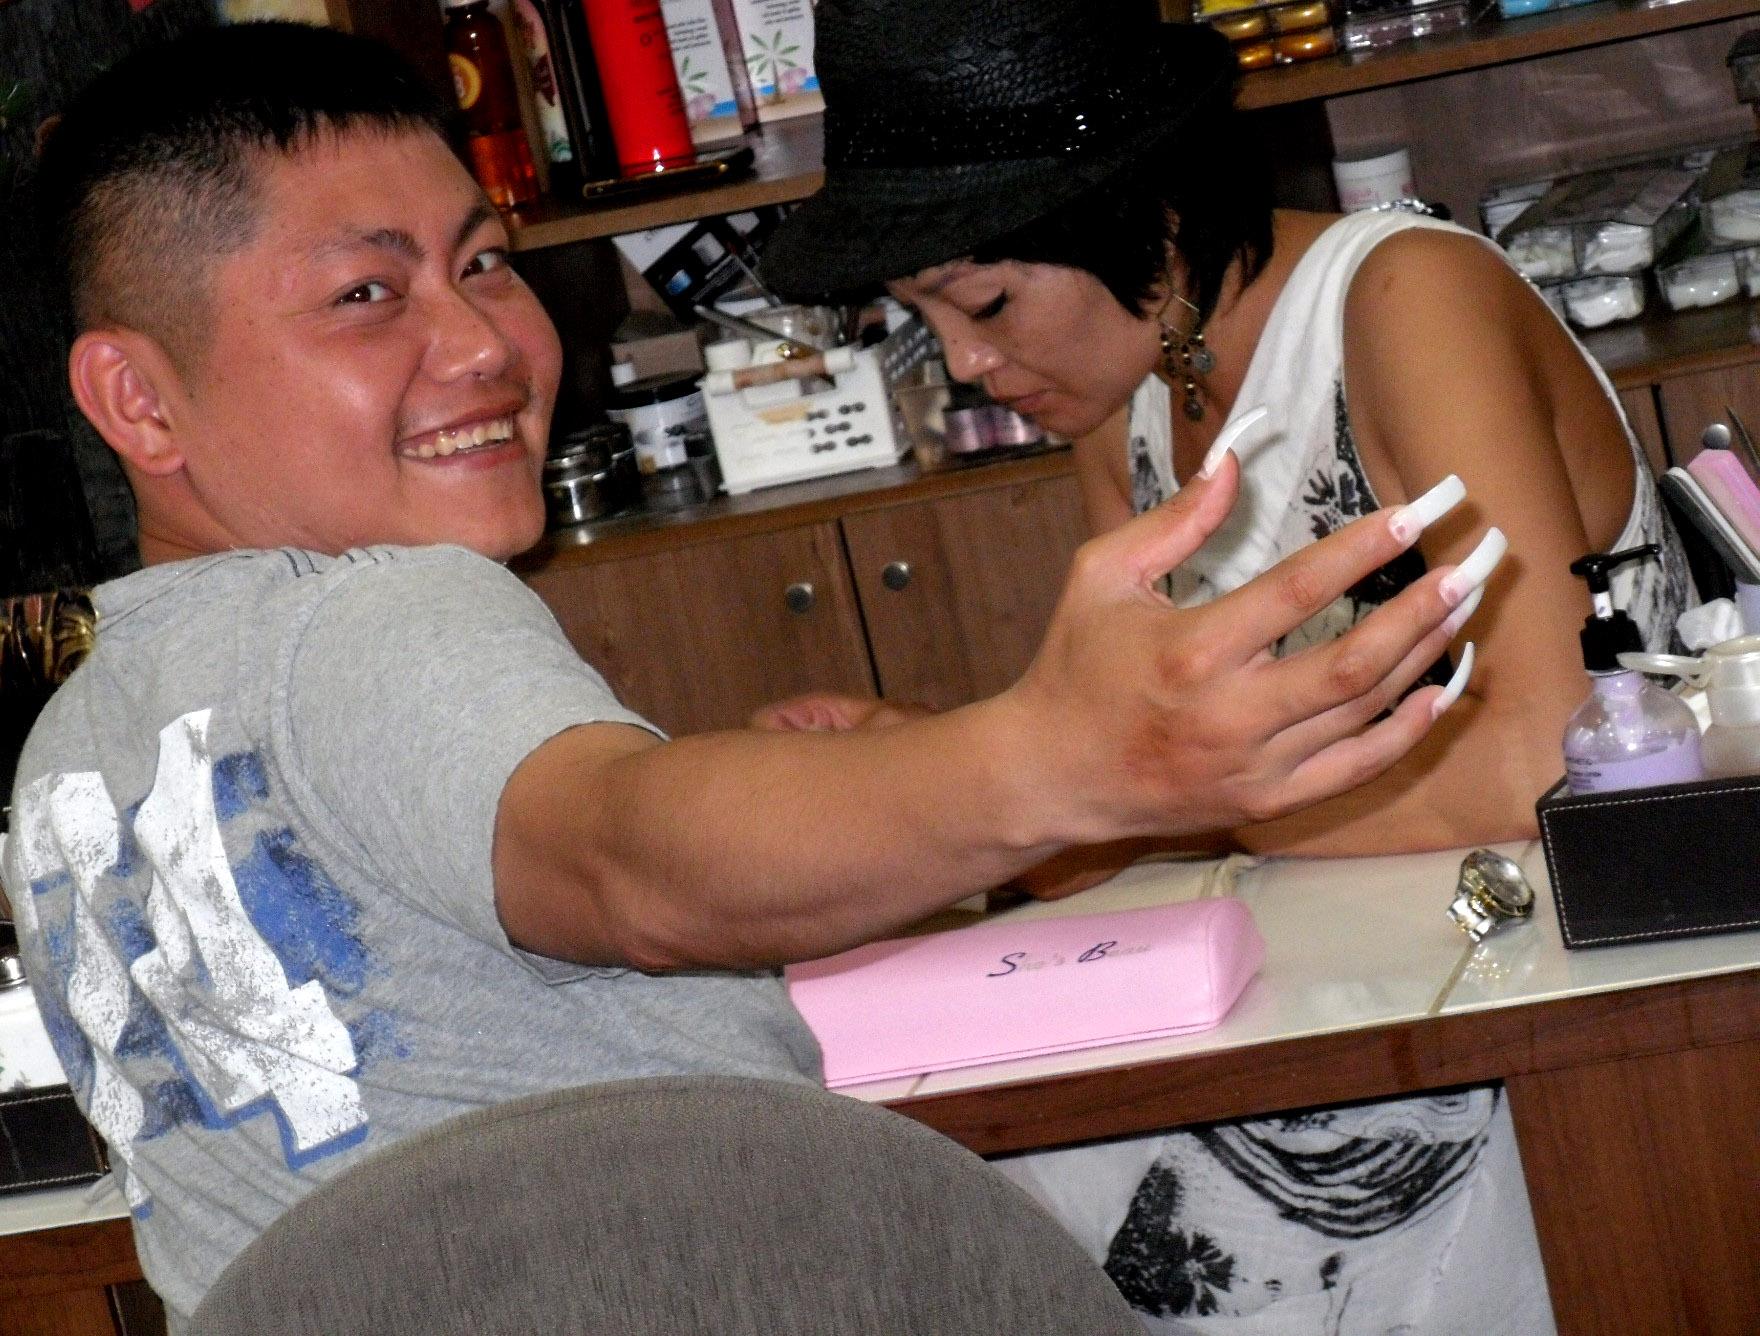 Getting a manicure in seoul